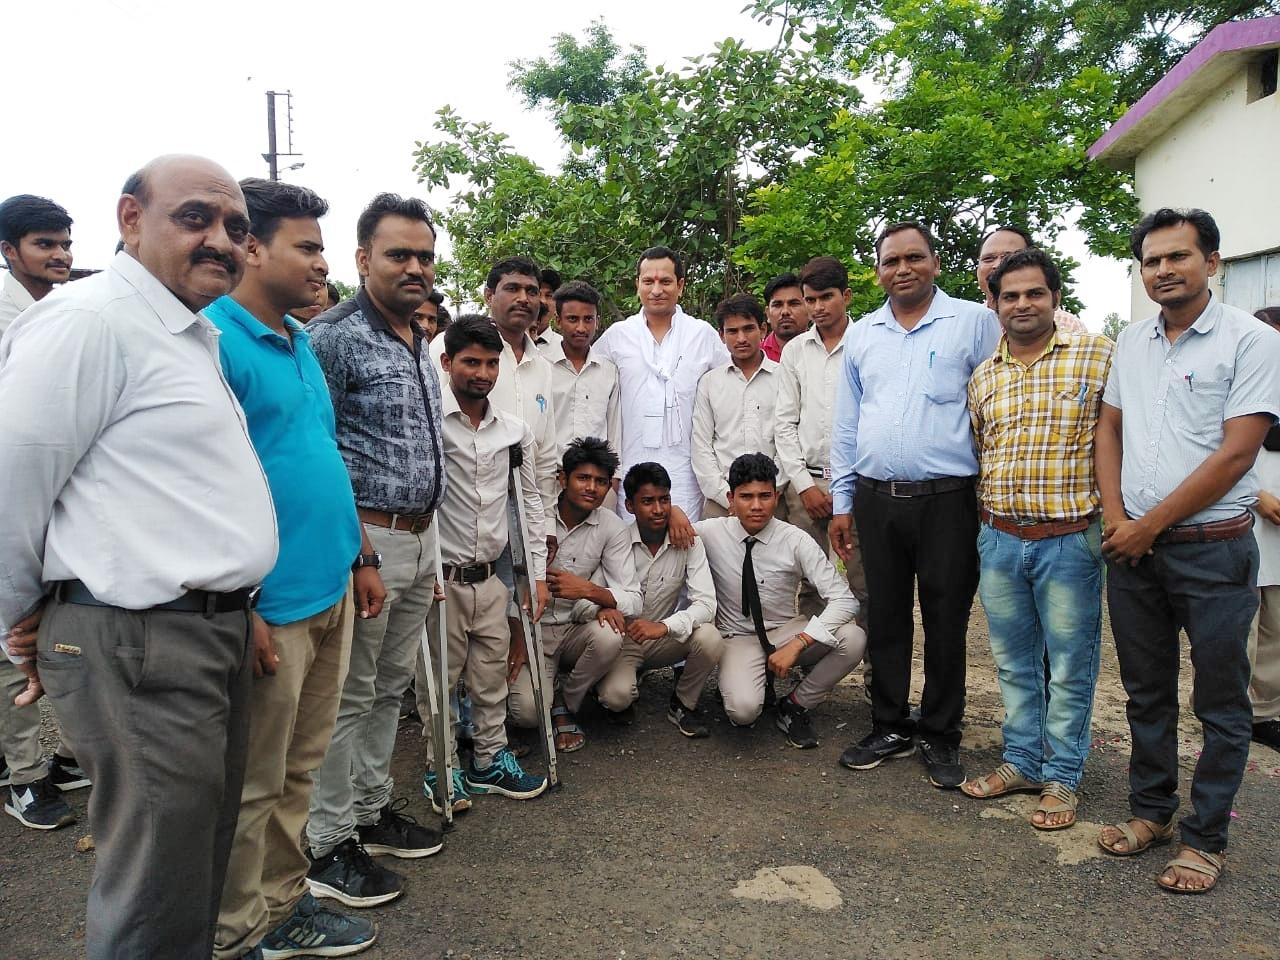 प्रभारी मंत्री श्री सुरेन्द्र सिंह बघेल ने अगराल मॉडल स्कूल परिसर मे किया पौधारोपण